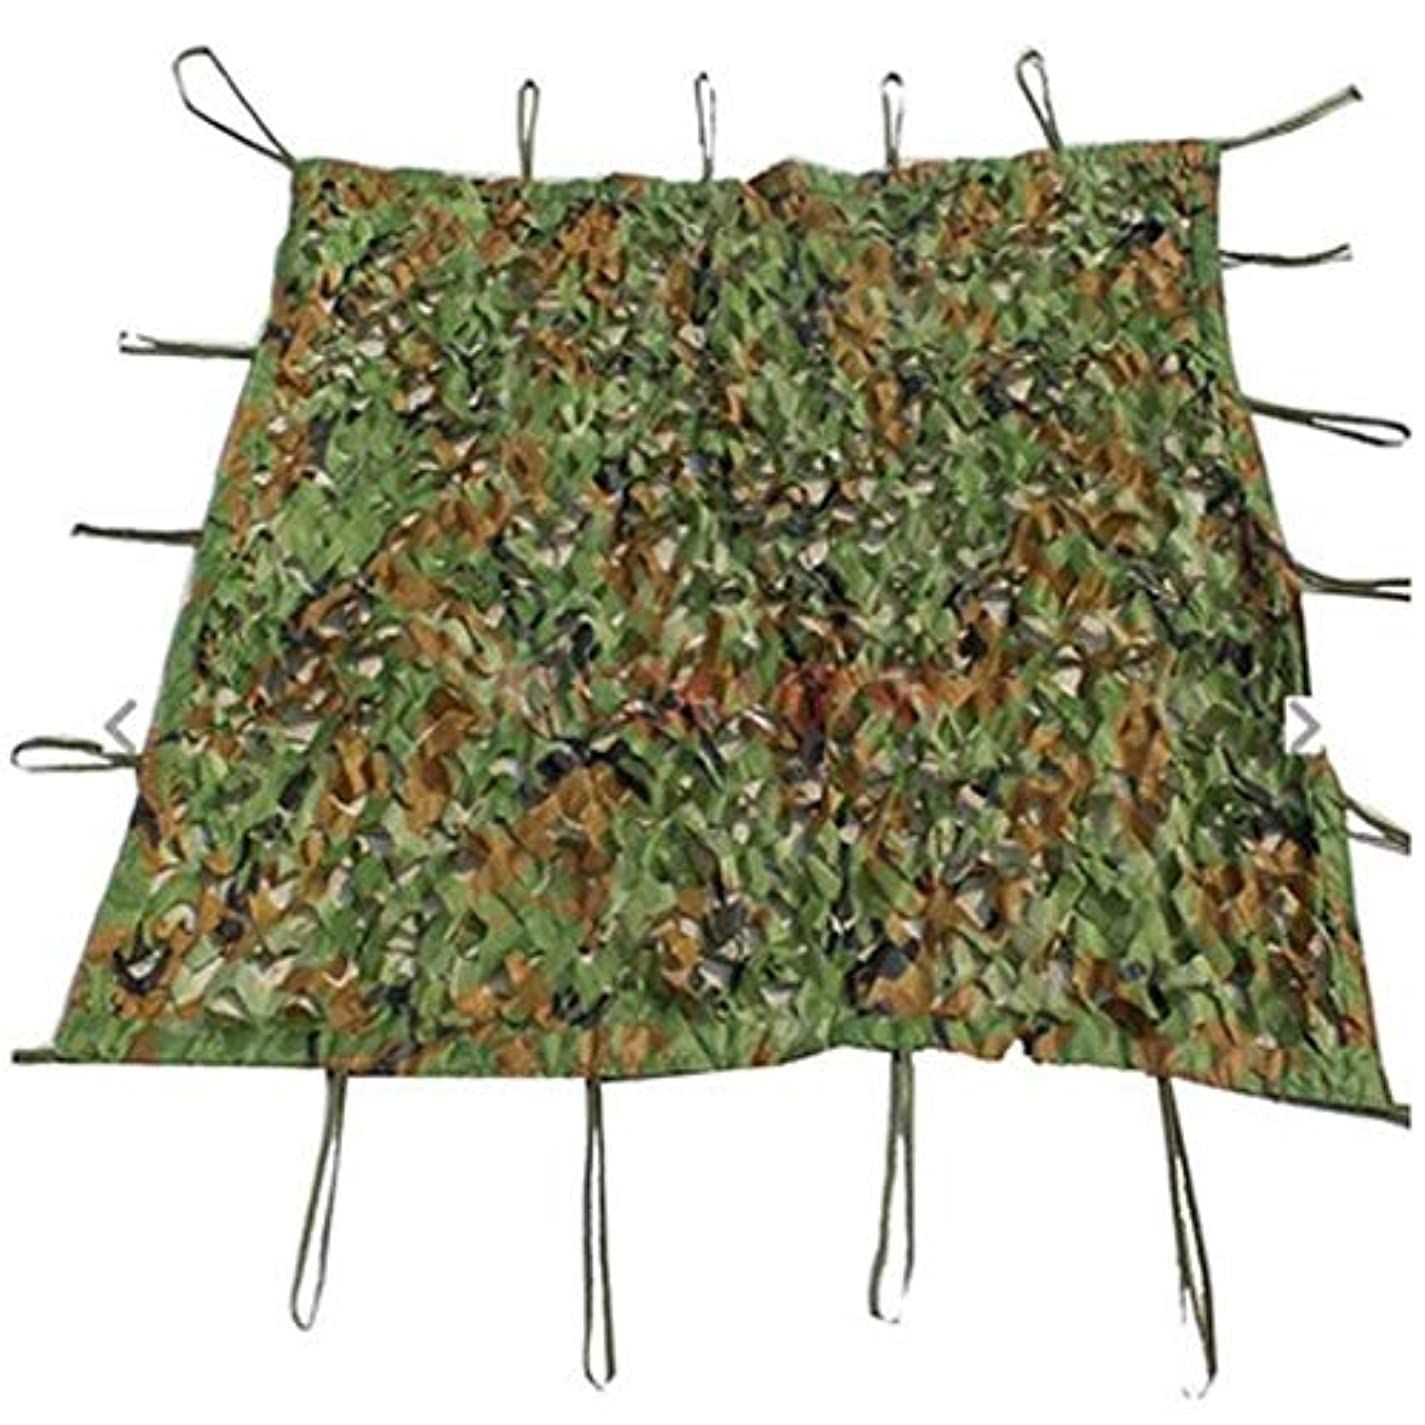 サーバント地殻絶対にジャングルカモフラージュネット、屋外撮影のためのオックスフォード布の大型防水サンシェードキャンプ隠し写真屋内装飾迷彩ネット子供のため (サイズ さいず : 4x6m)